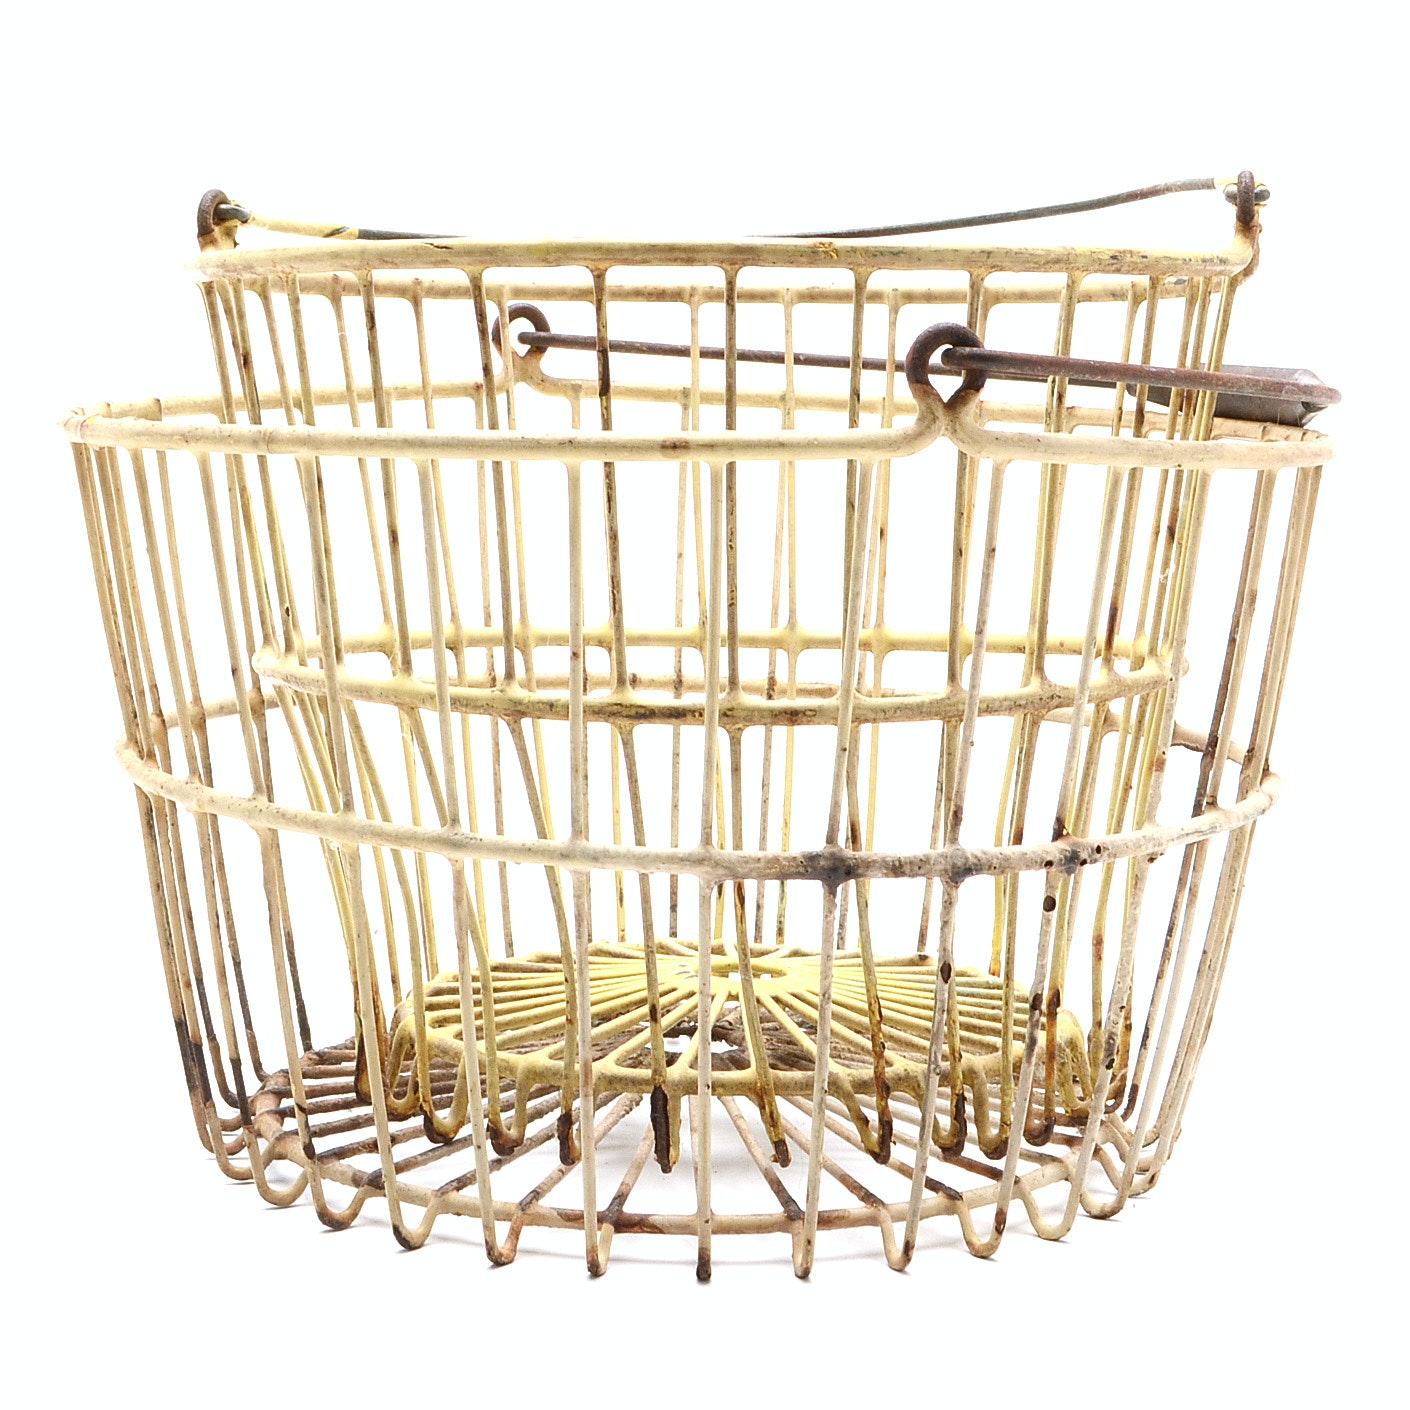 Vintage Wire Egg Baskets